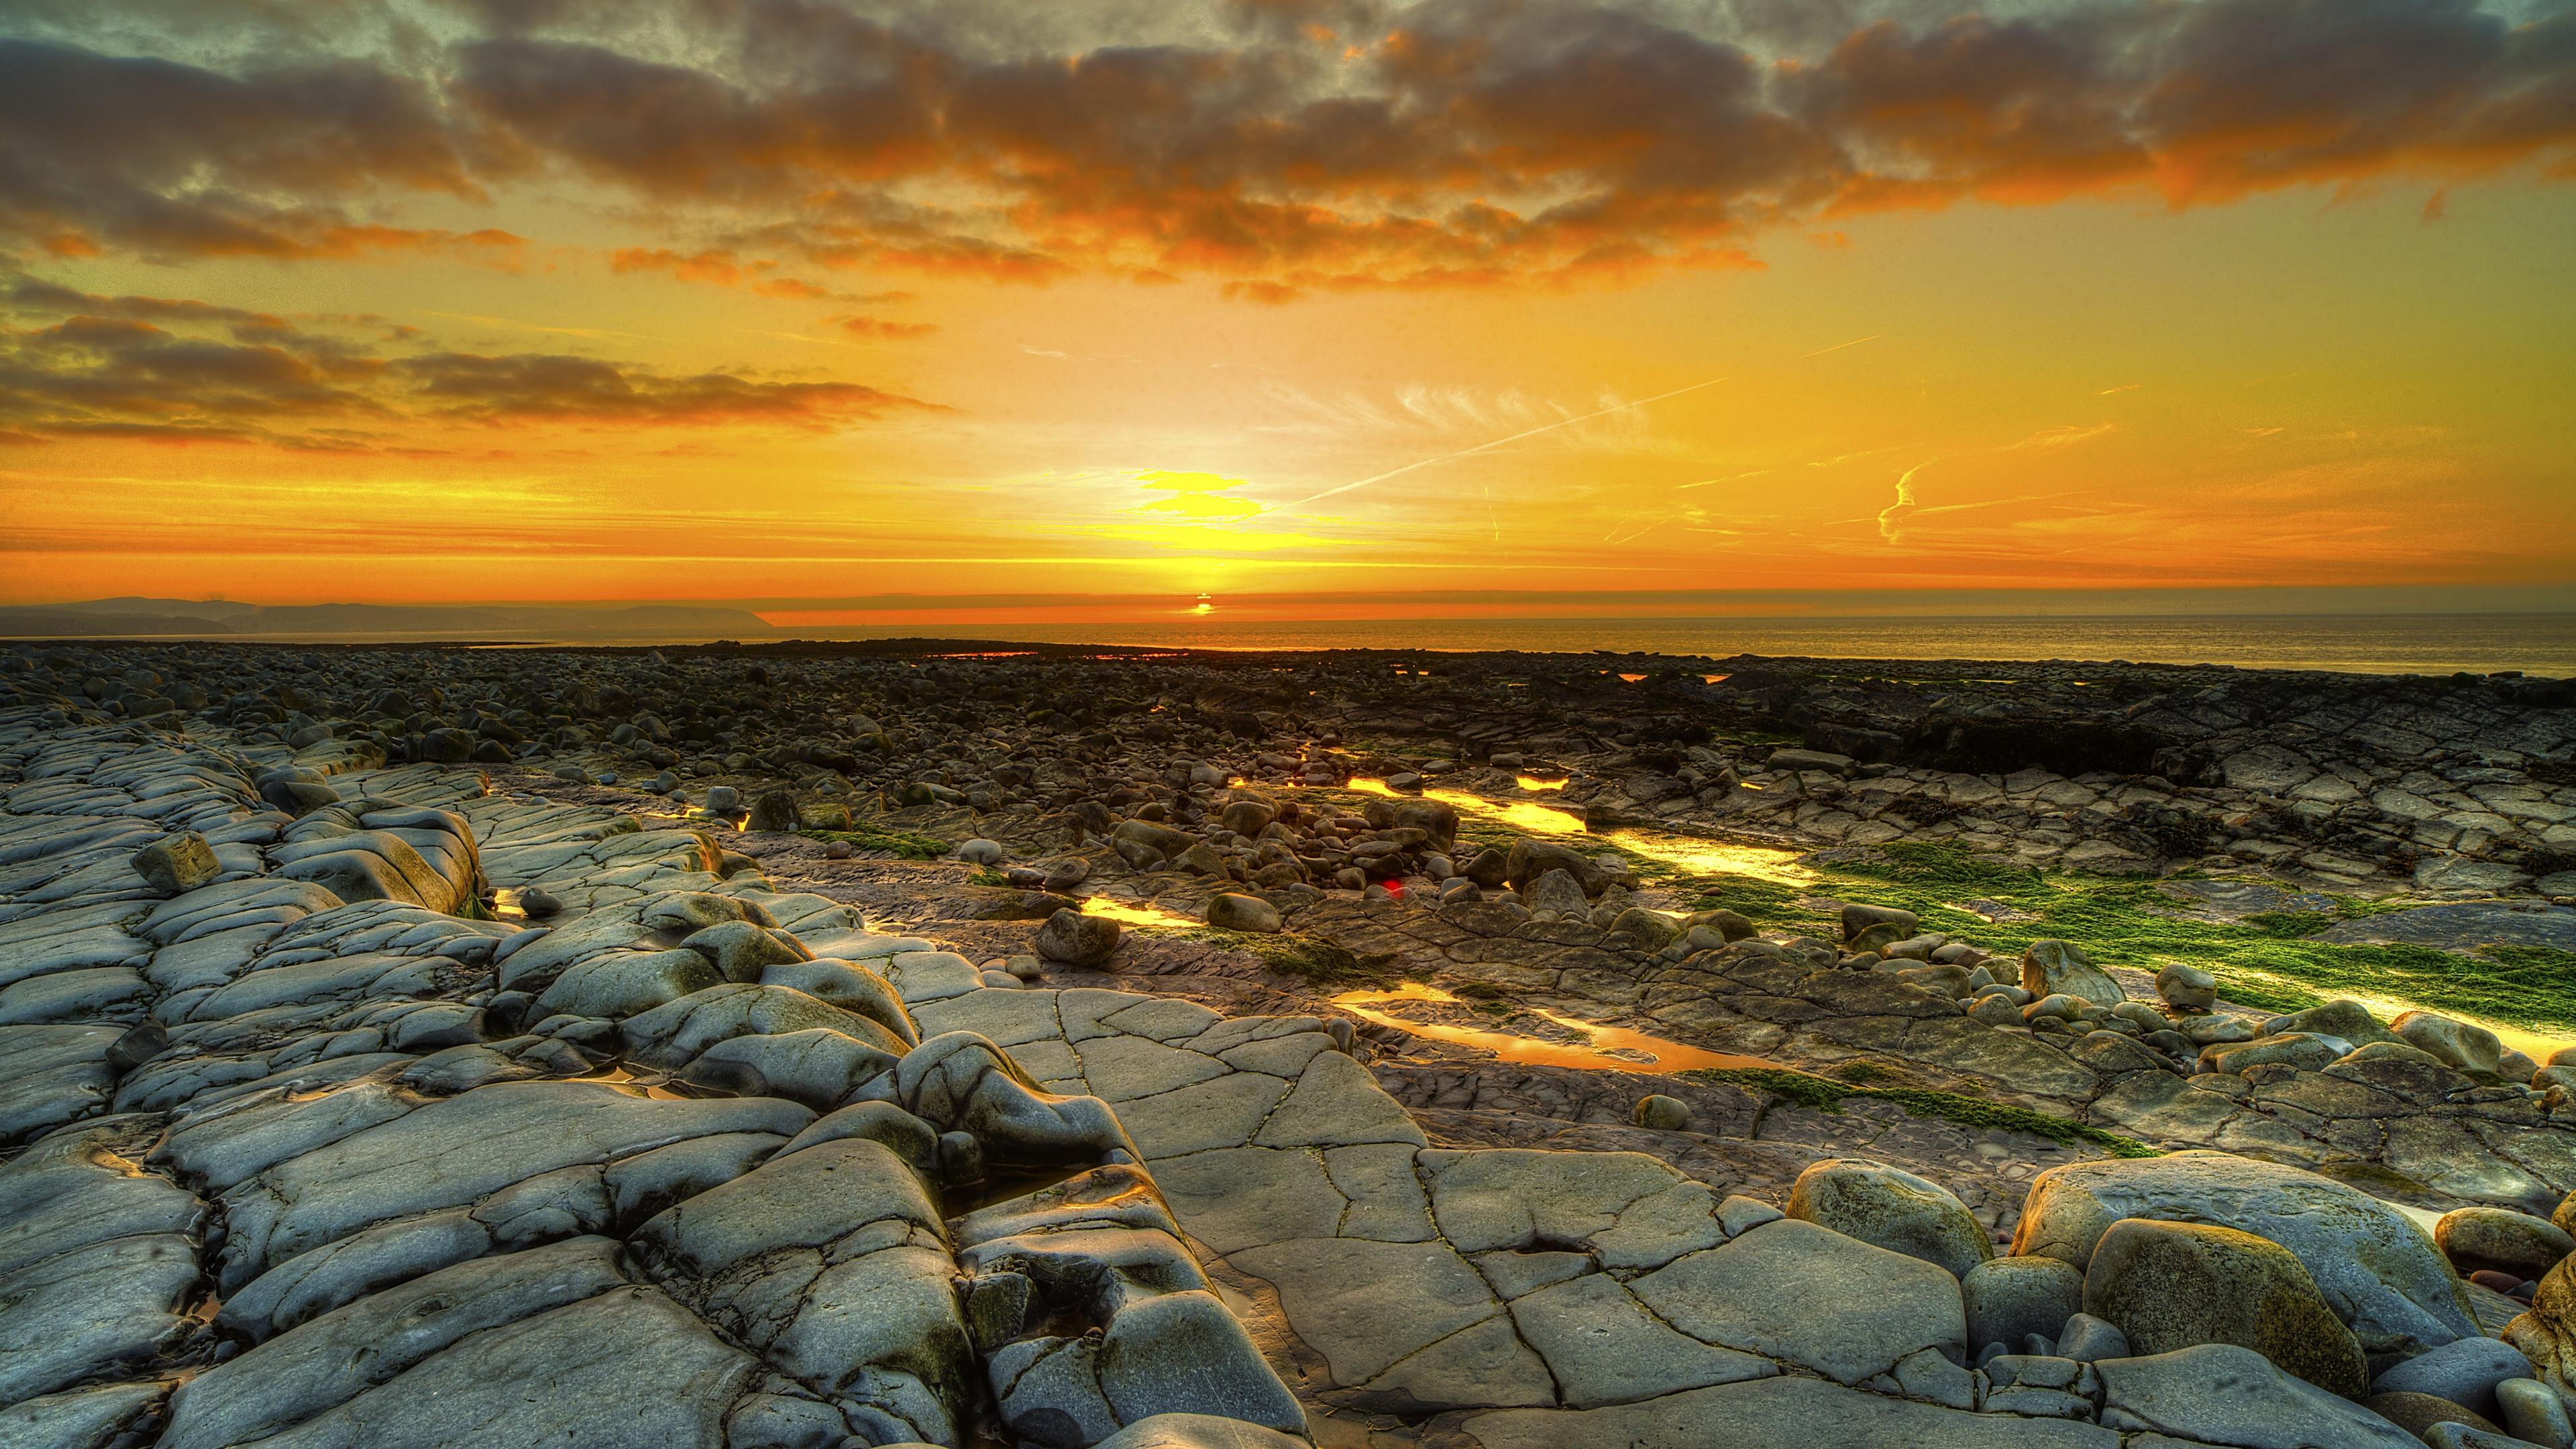 3840×2160 Yellow Sky field, fence landscape | Wide Screen Wallpaper 1080p,2K,4K